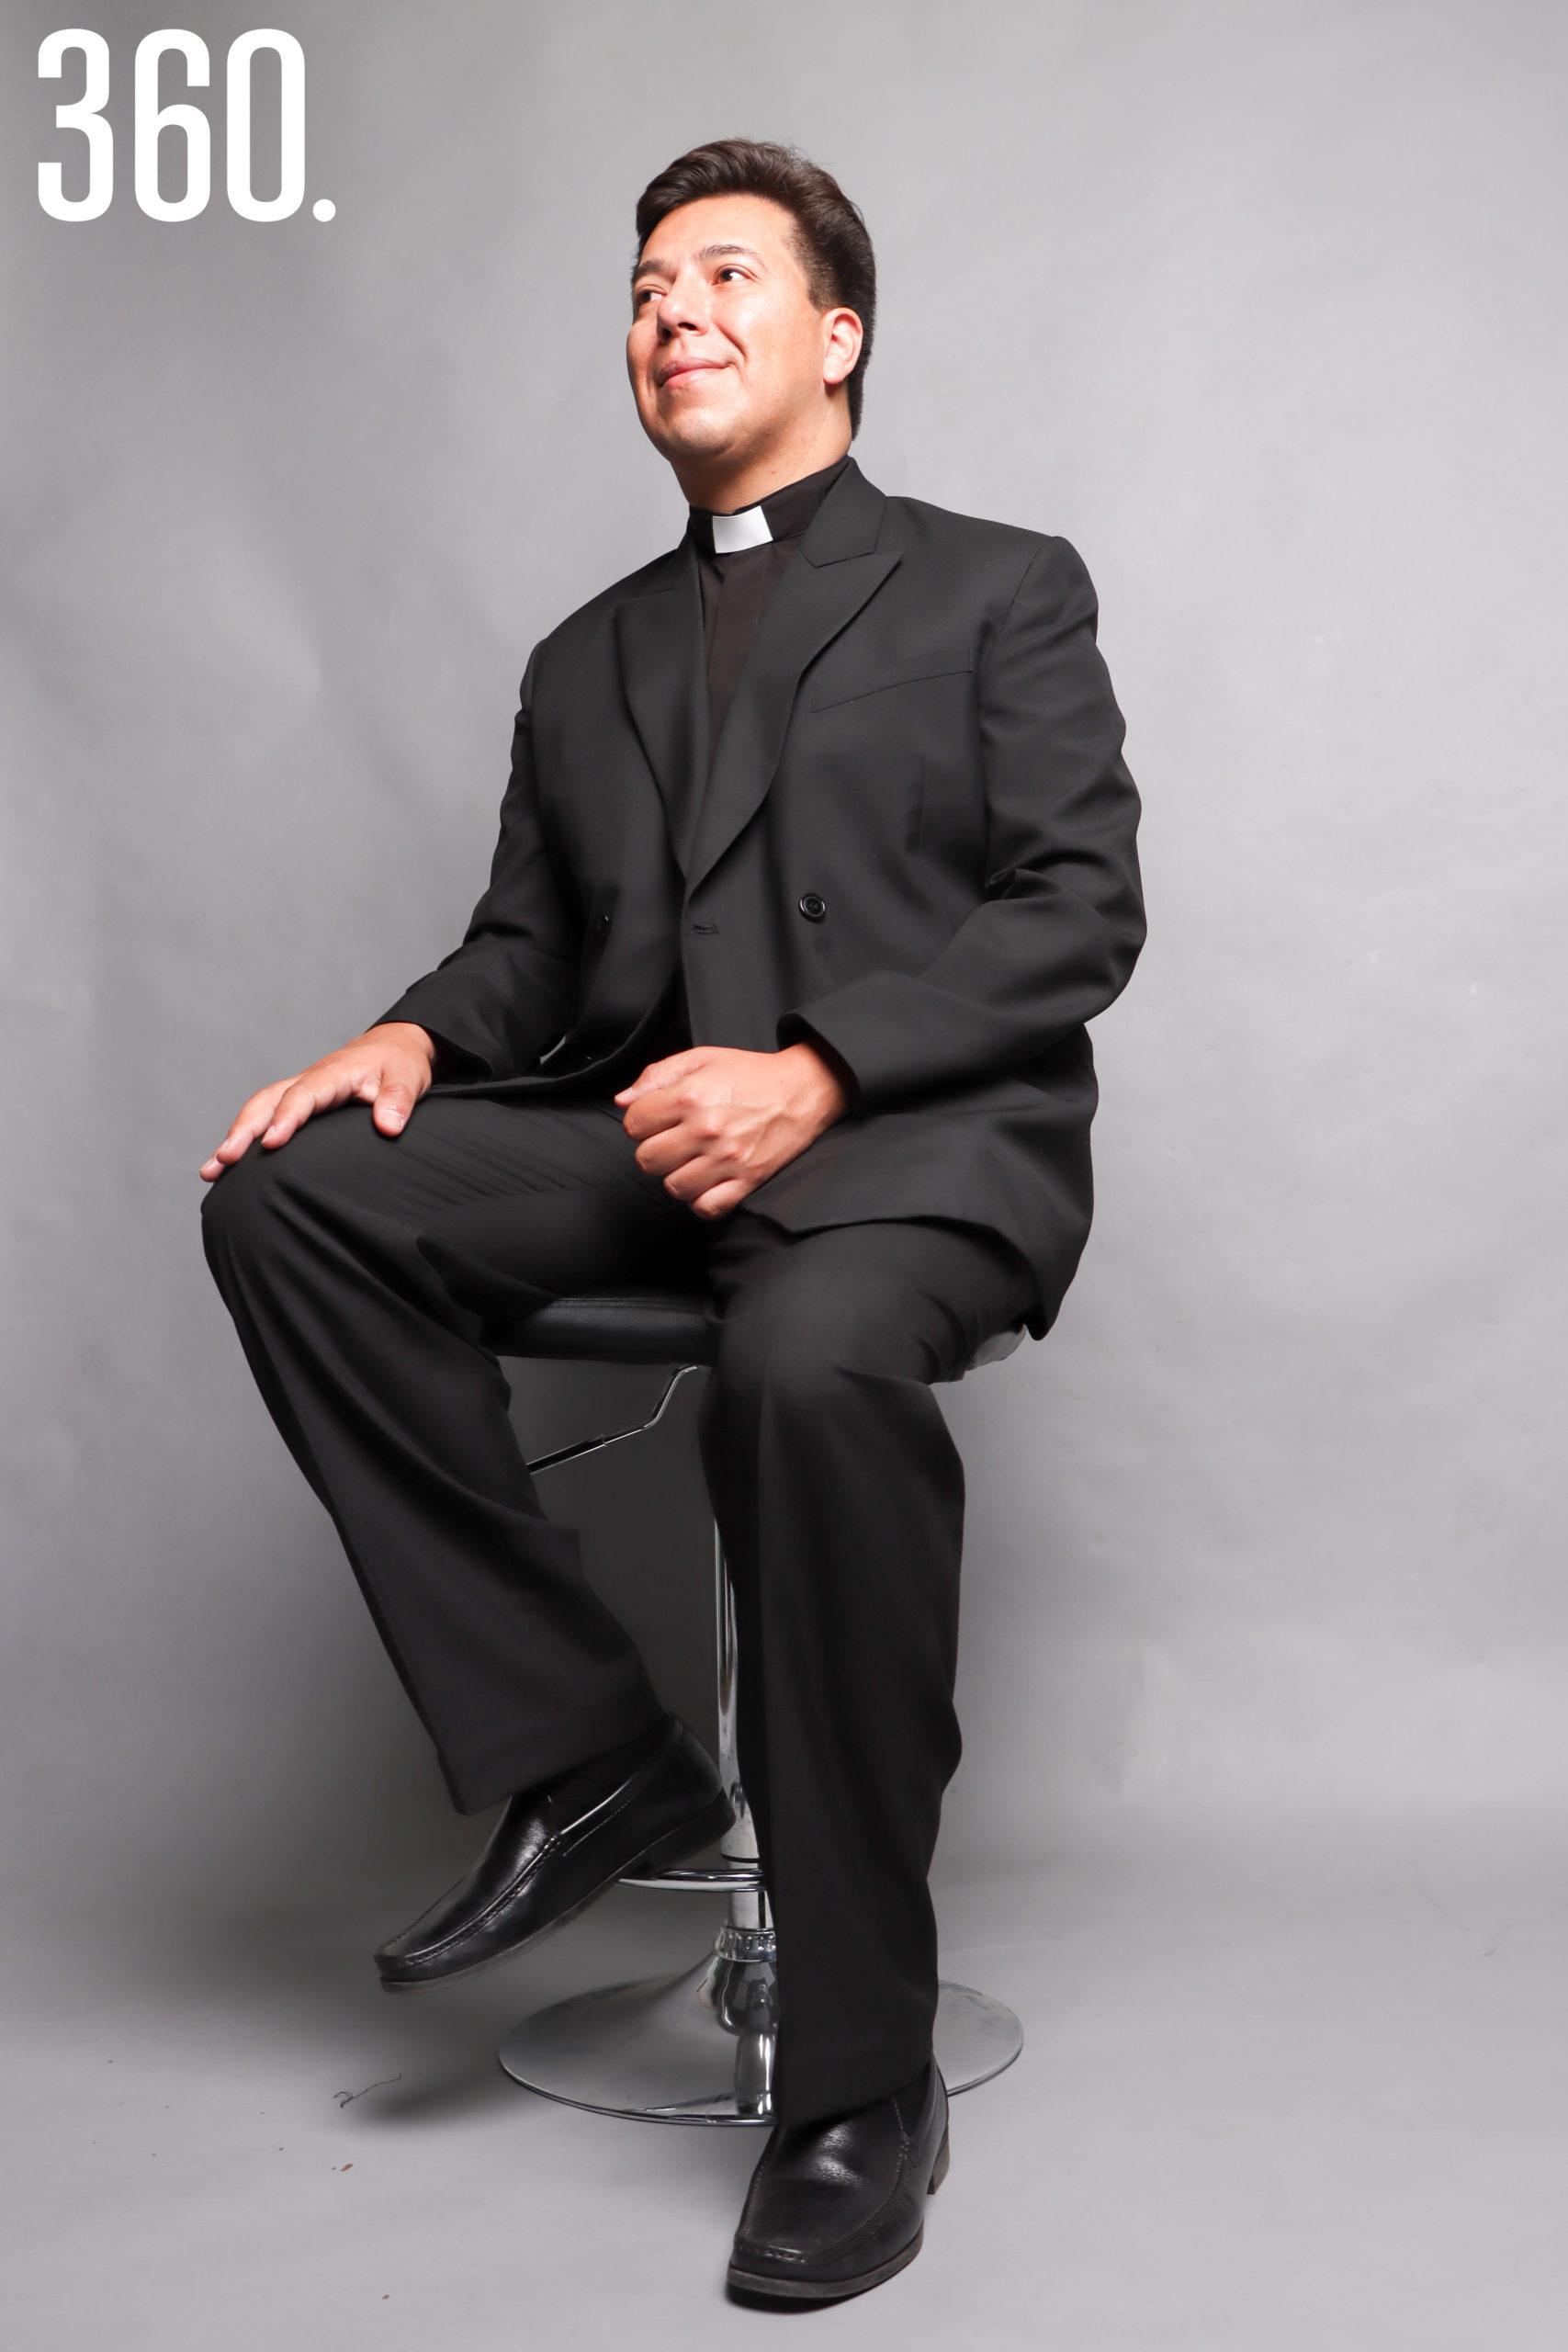 Es Director de la Agencia de Noticias ZENIT, una de las más antiguas y con mayor historia en el ámbito católico.